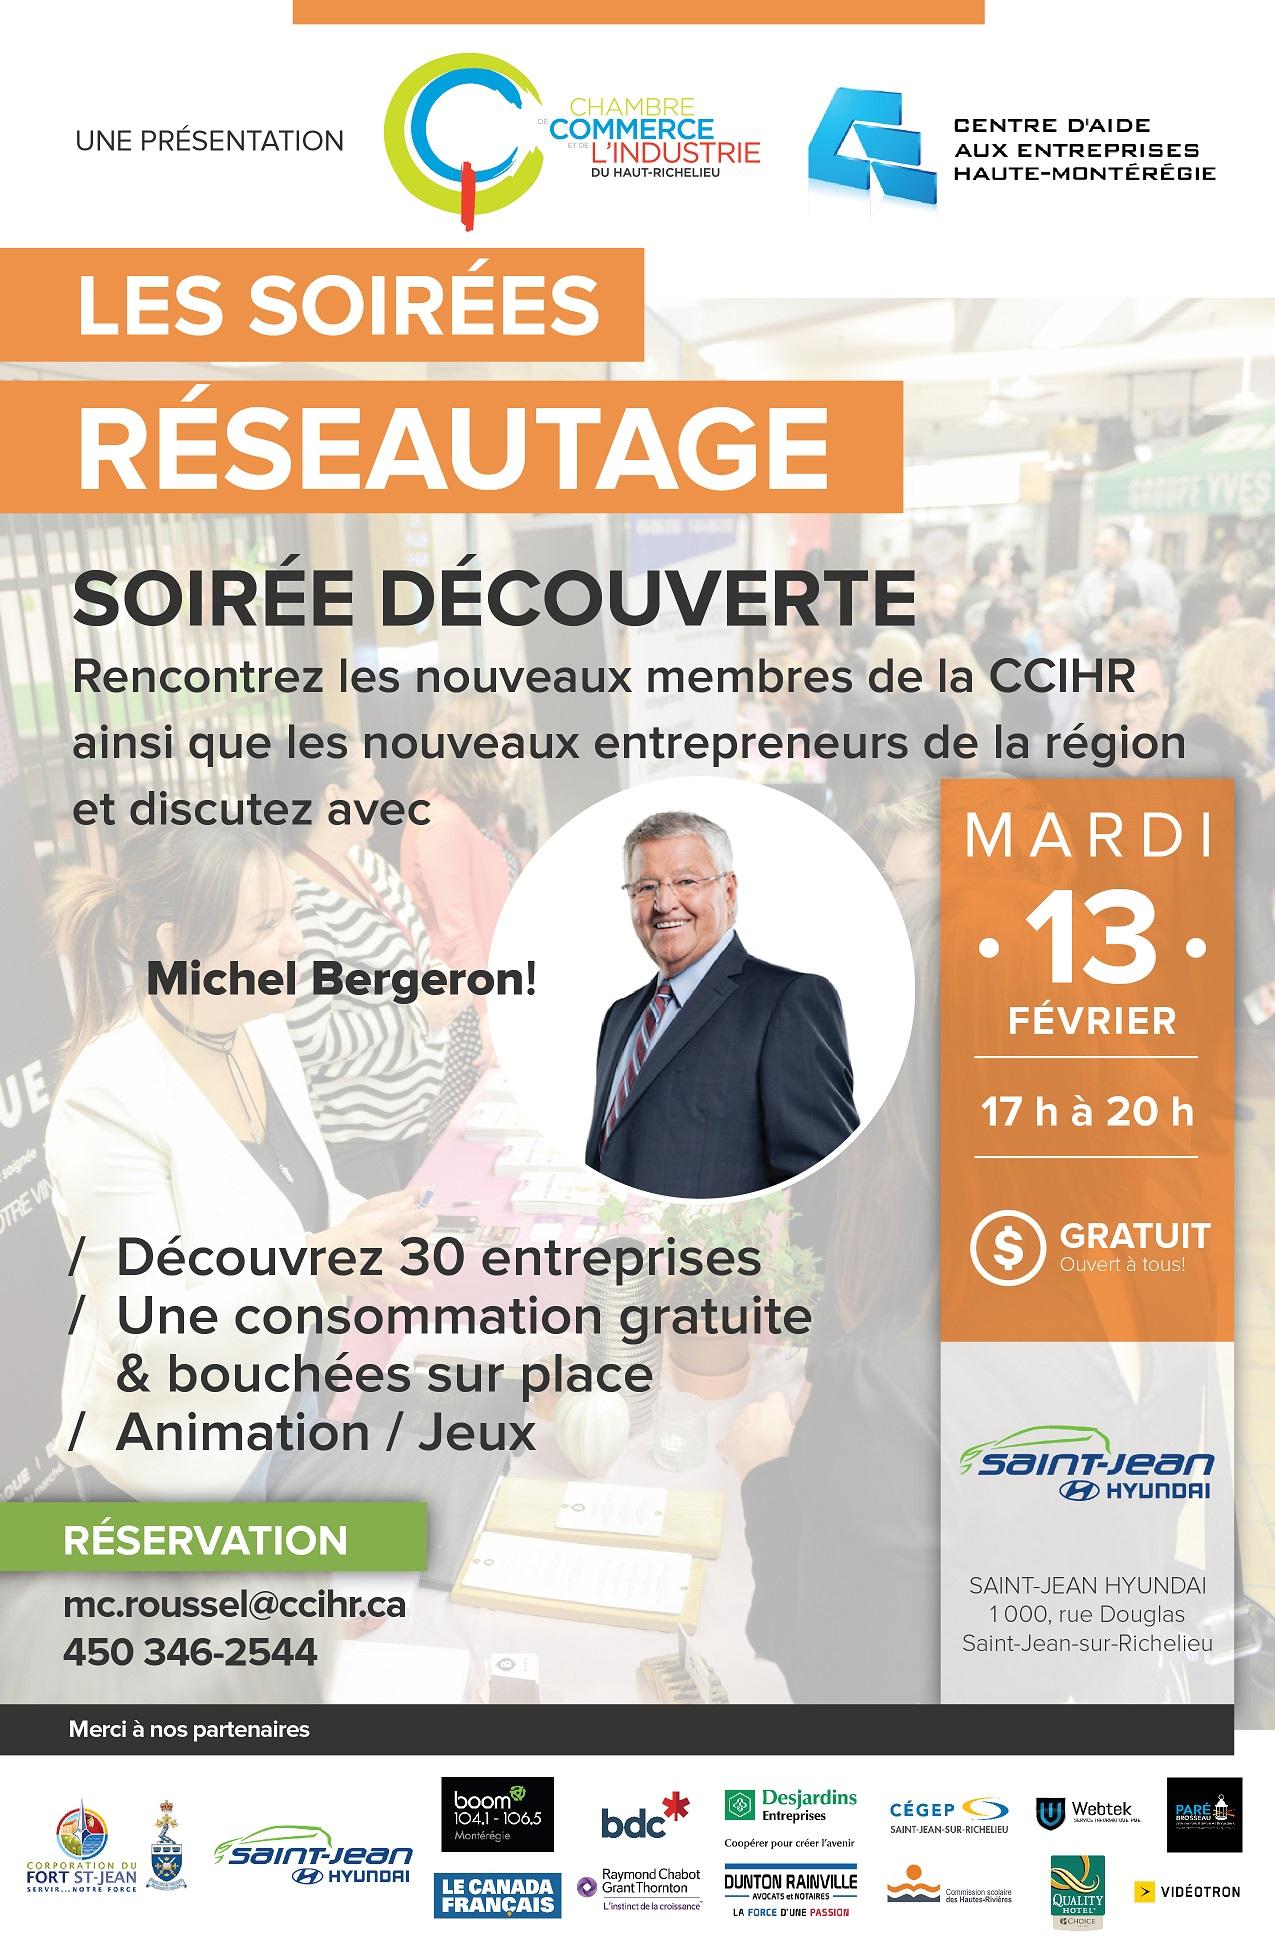 Centre D Aide Aux Entreprises Haute Mont 233 R 233 Gie La